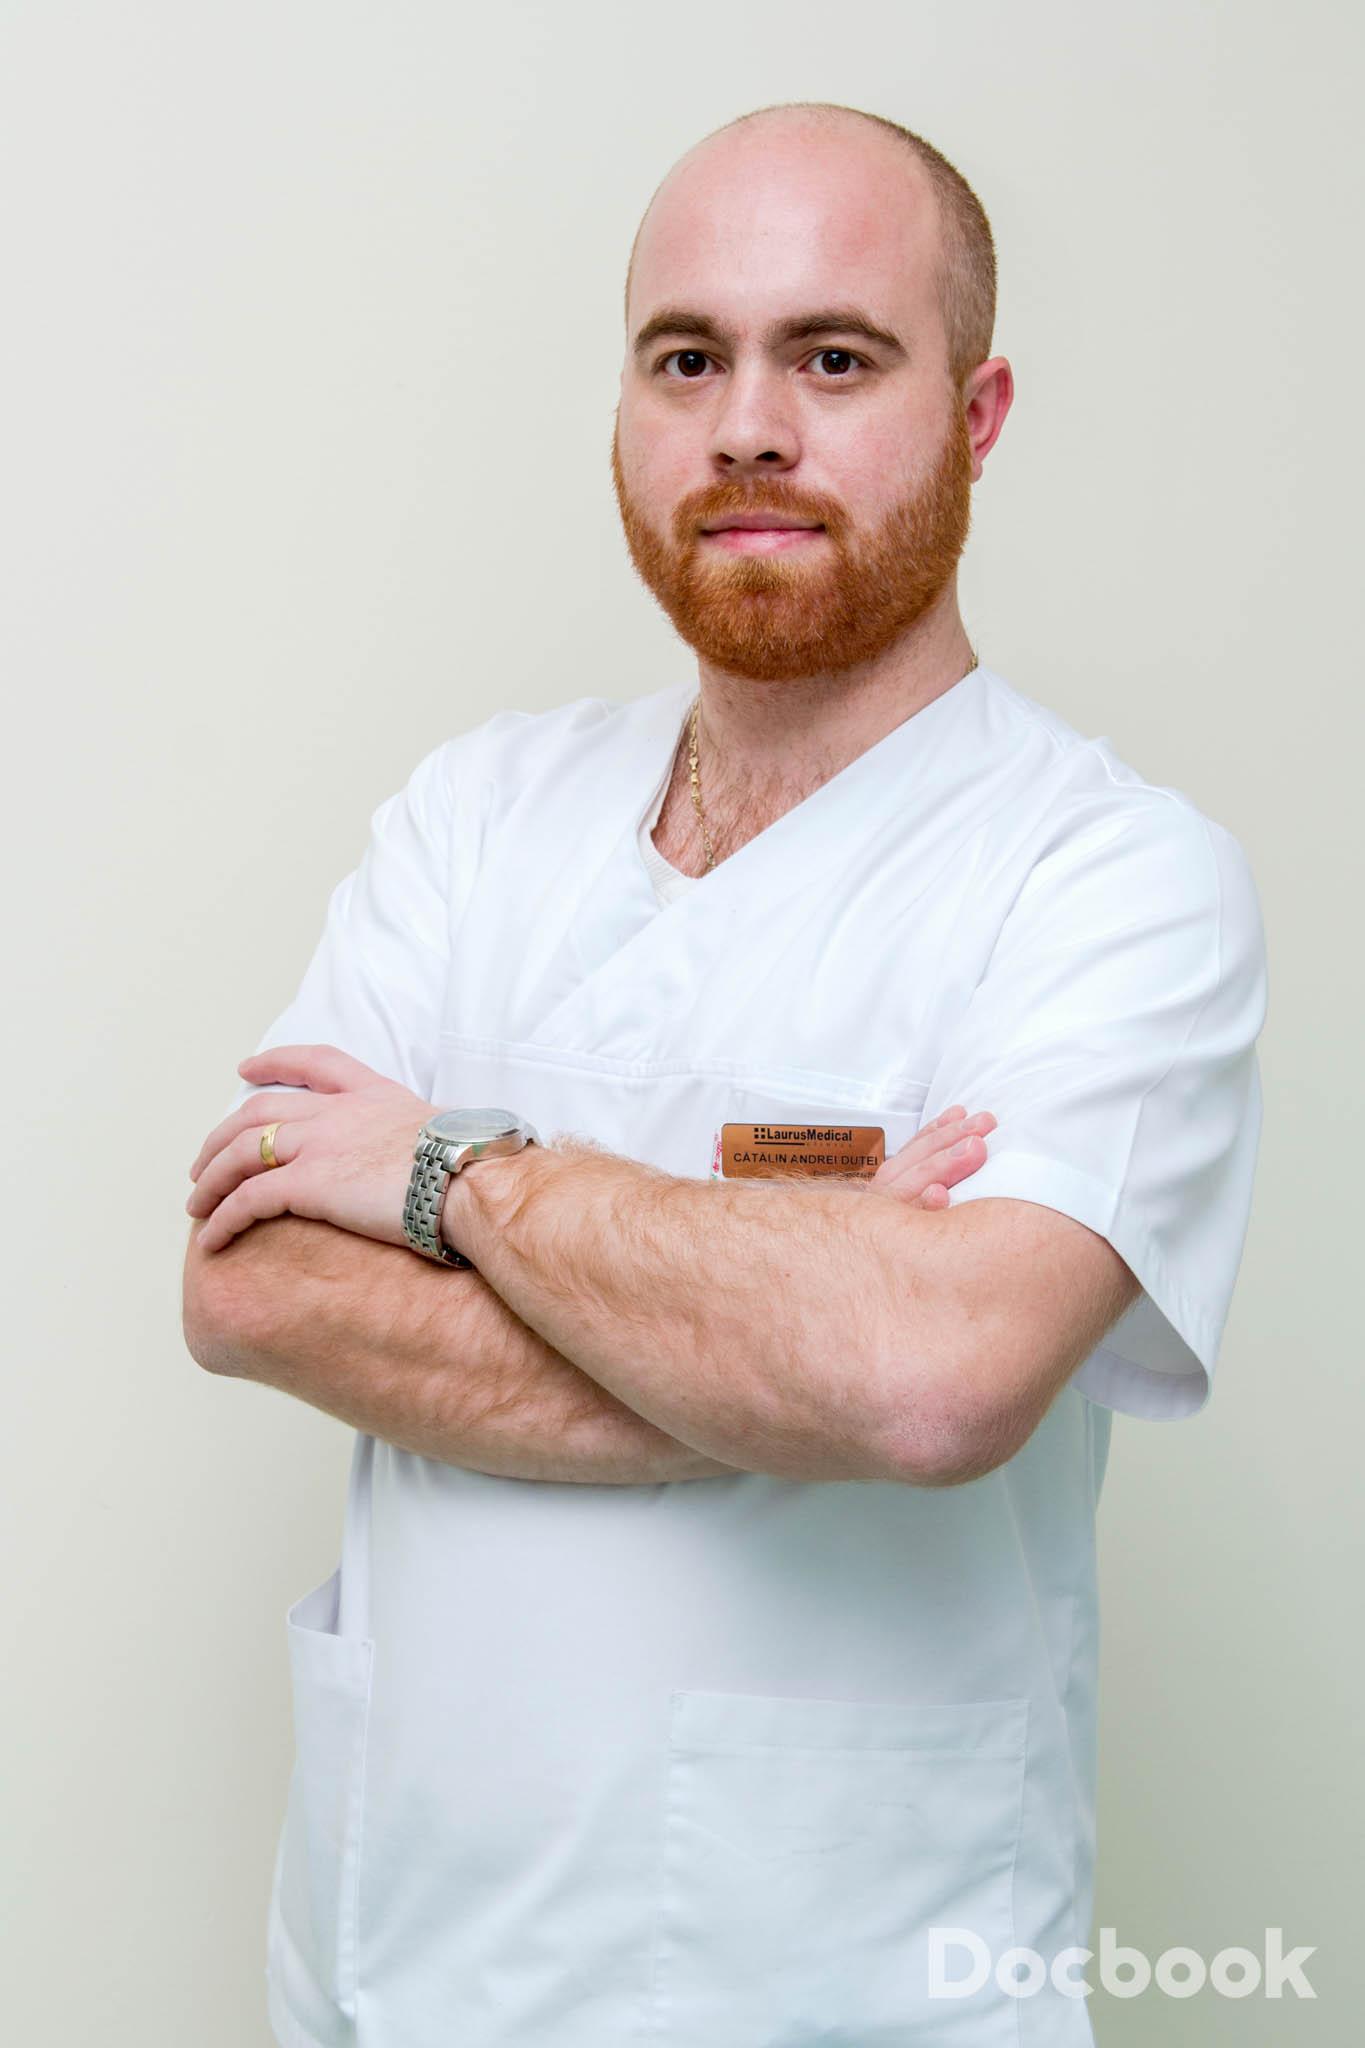 Dr. Catalin Andrei Dutei